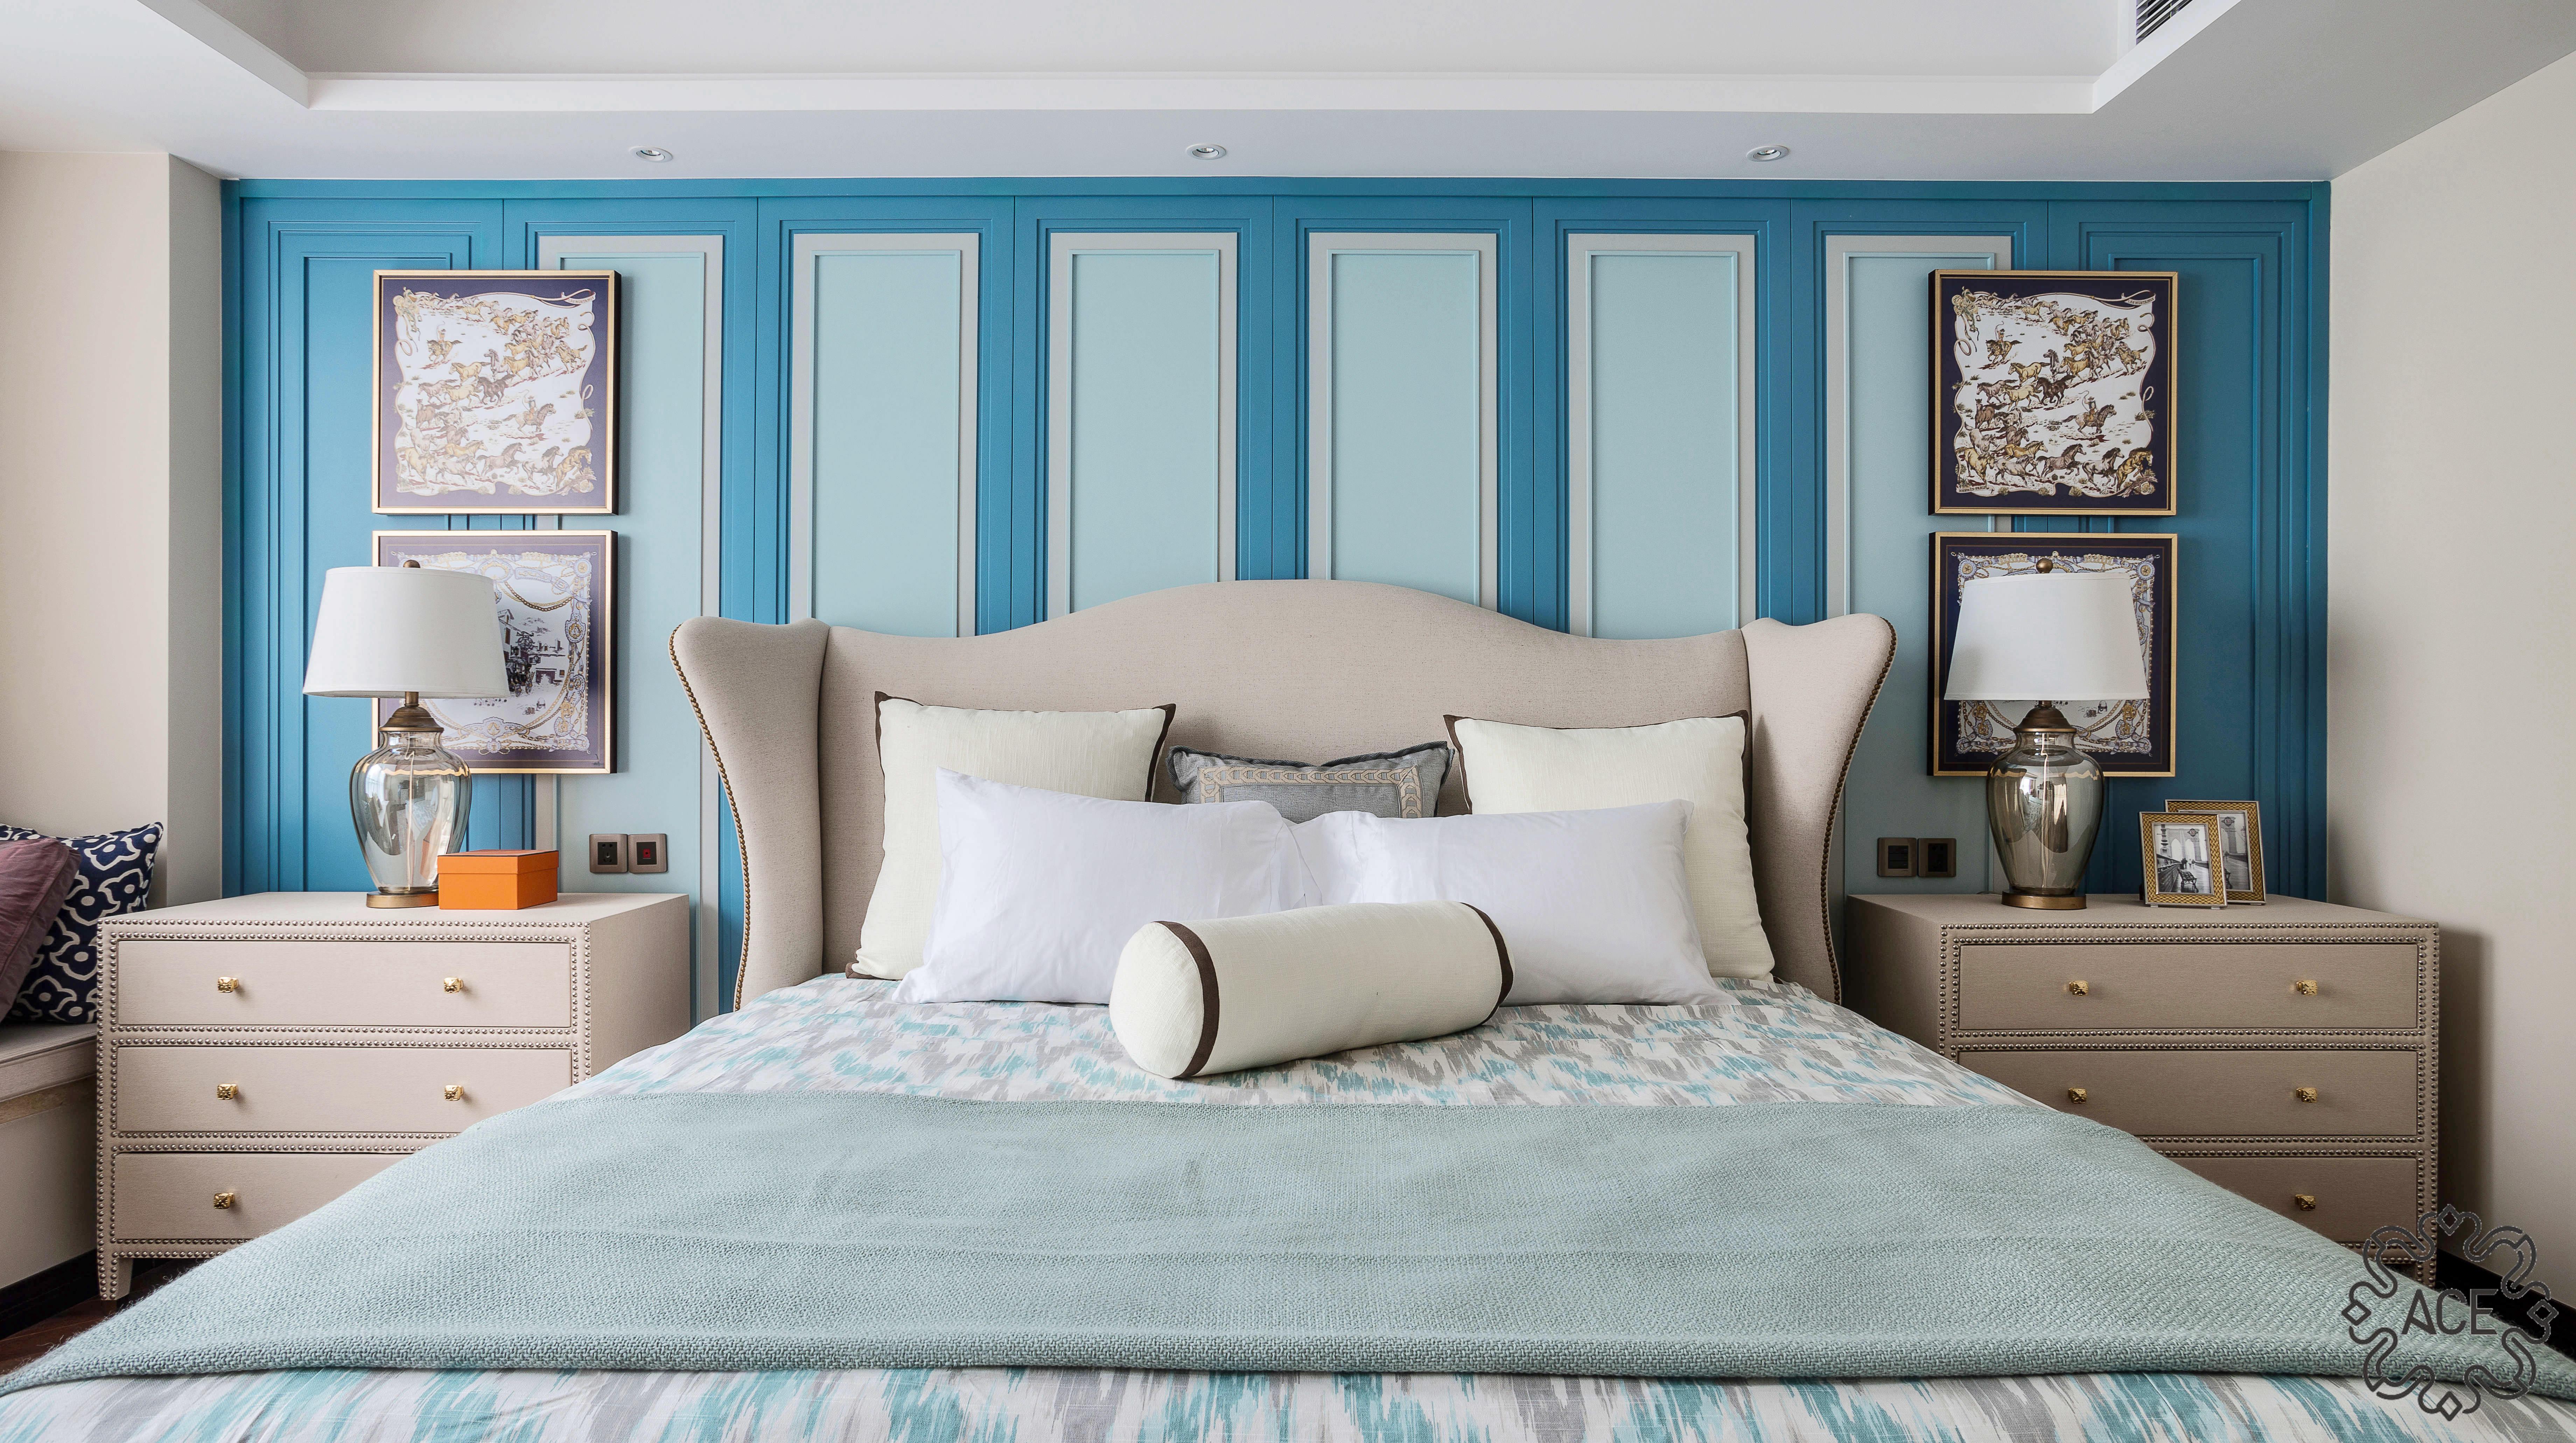 精装房改造 优雅住宅 气质 沉稳 卧室图片来自谢辉室内定制设计服务机构在家之新颜的分享